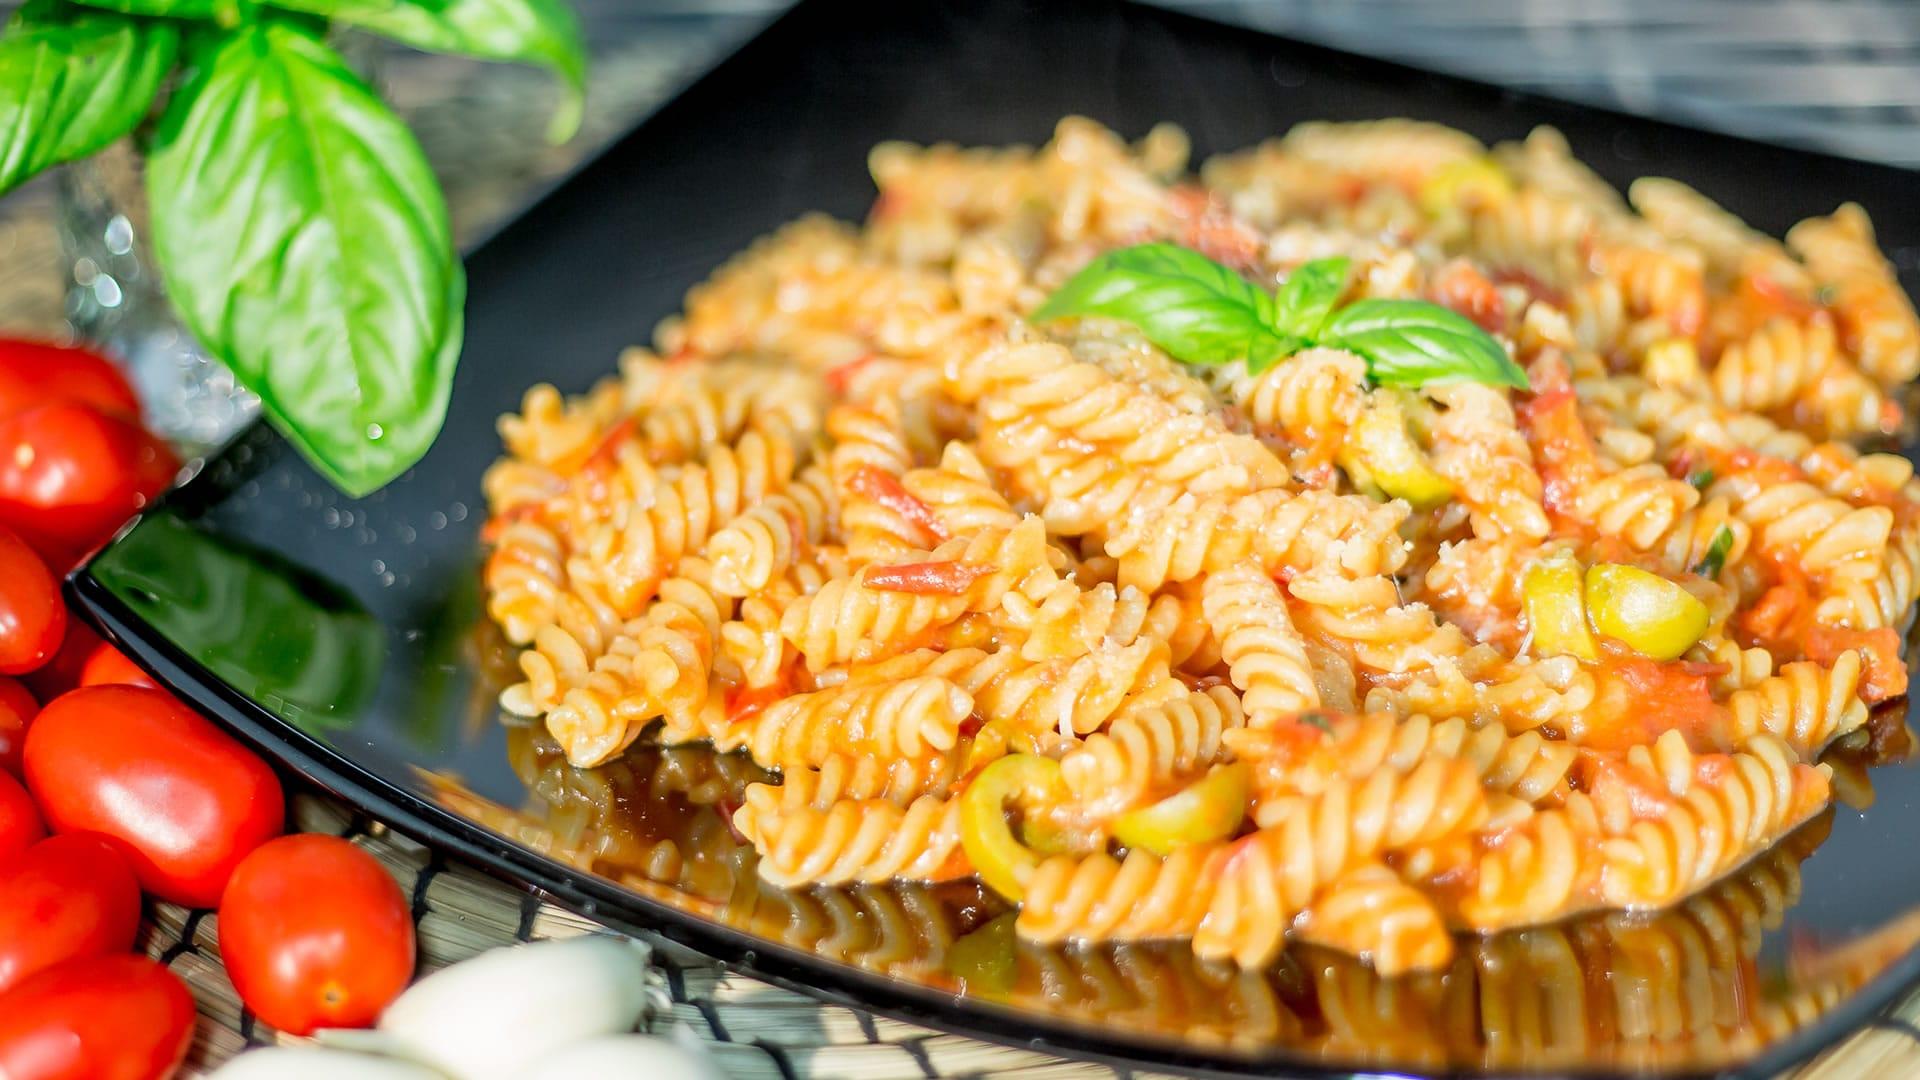 Ricette strane per pasta ricette popolari della cucina italiana for Ricette per pasta